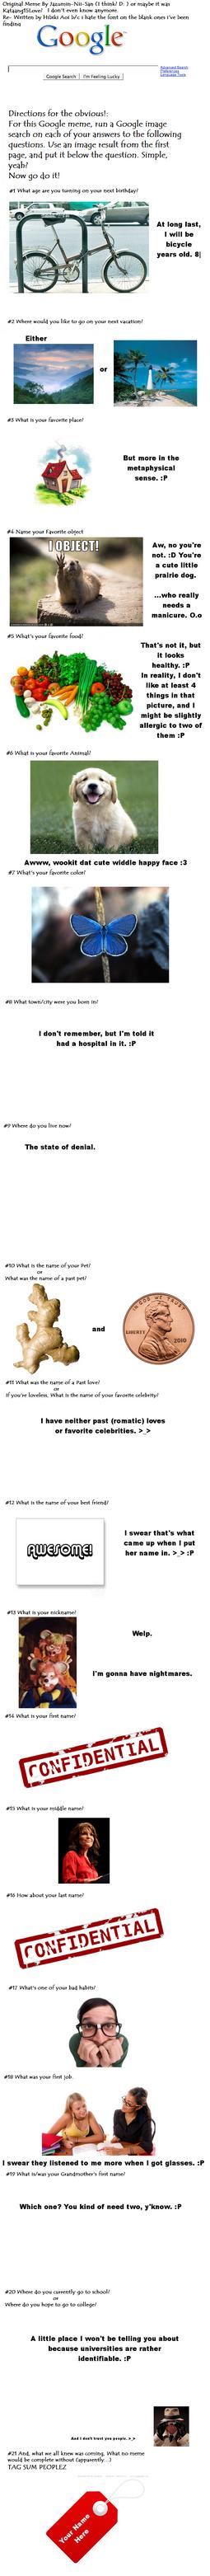 Google Meme by Woppy42